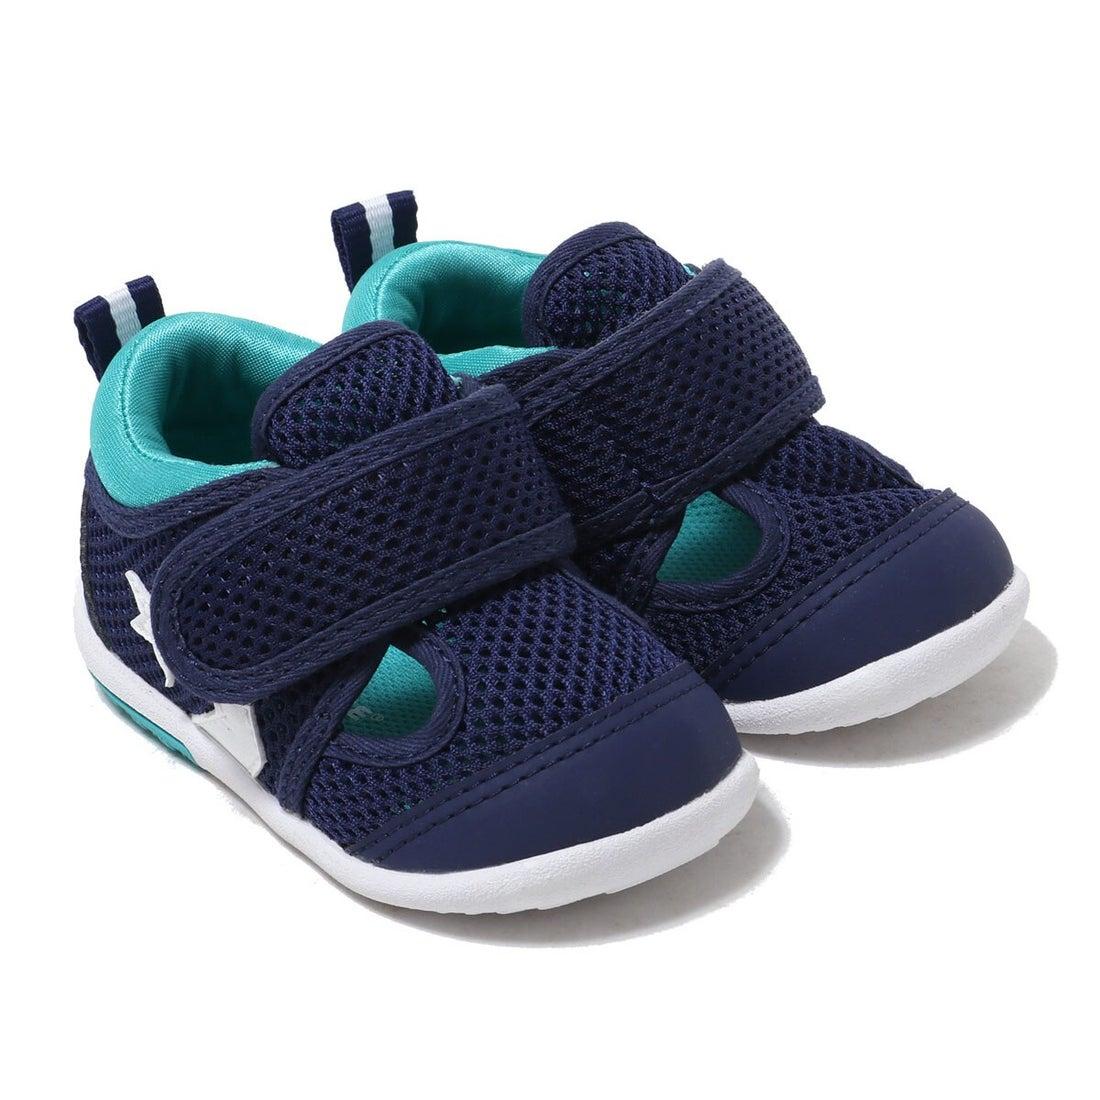 ロコンド 靴とファッションの通販サイトコンバース CONVERSE CONVERSE LITTLE SUMMER 9 (NAVY)